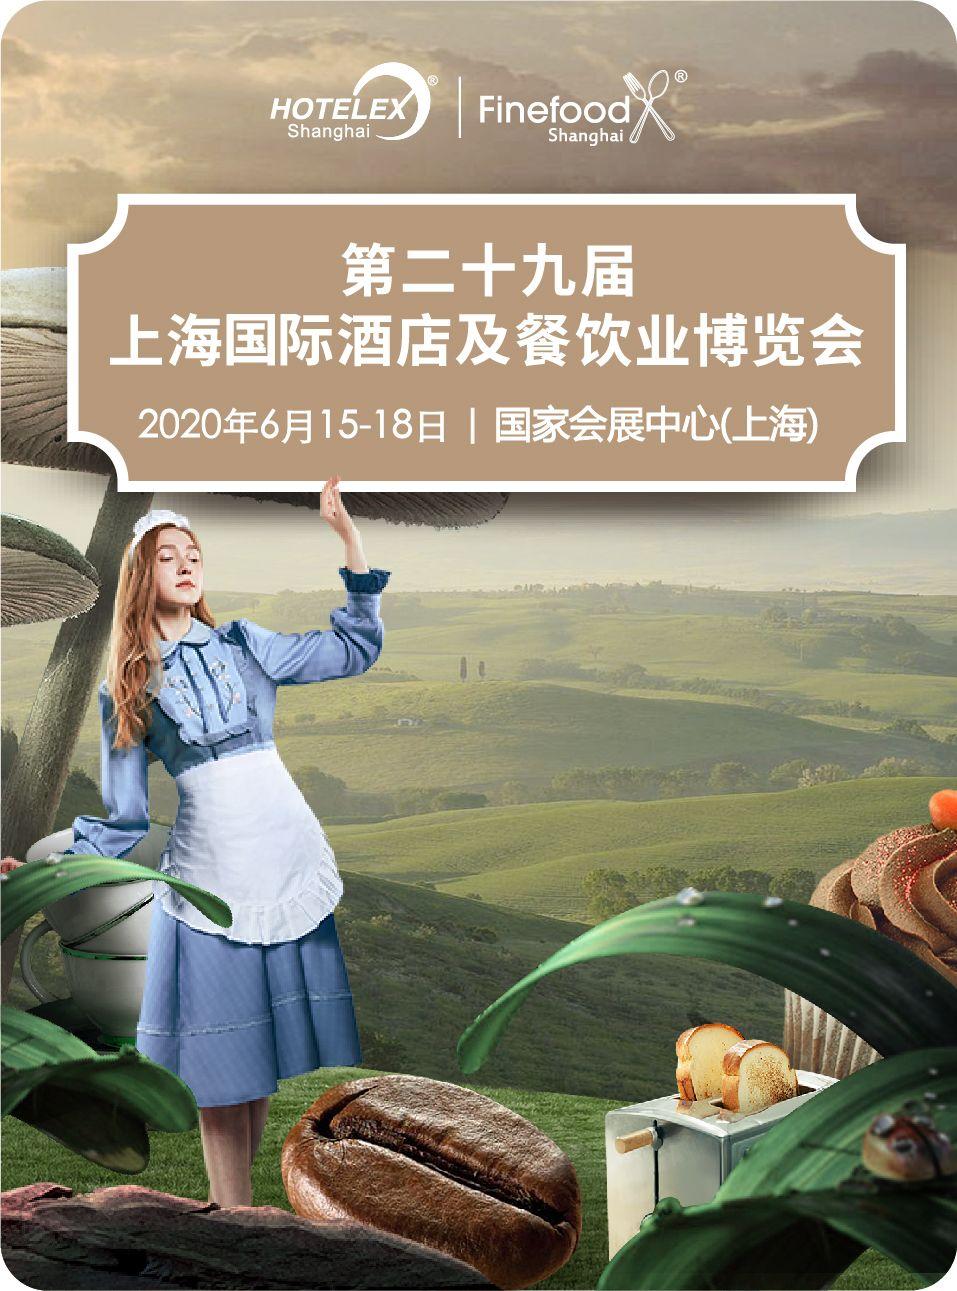 第二十九届上海国际酒店与餐饮业博览会延期通知!6月见!